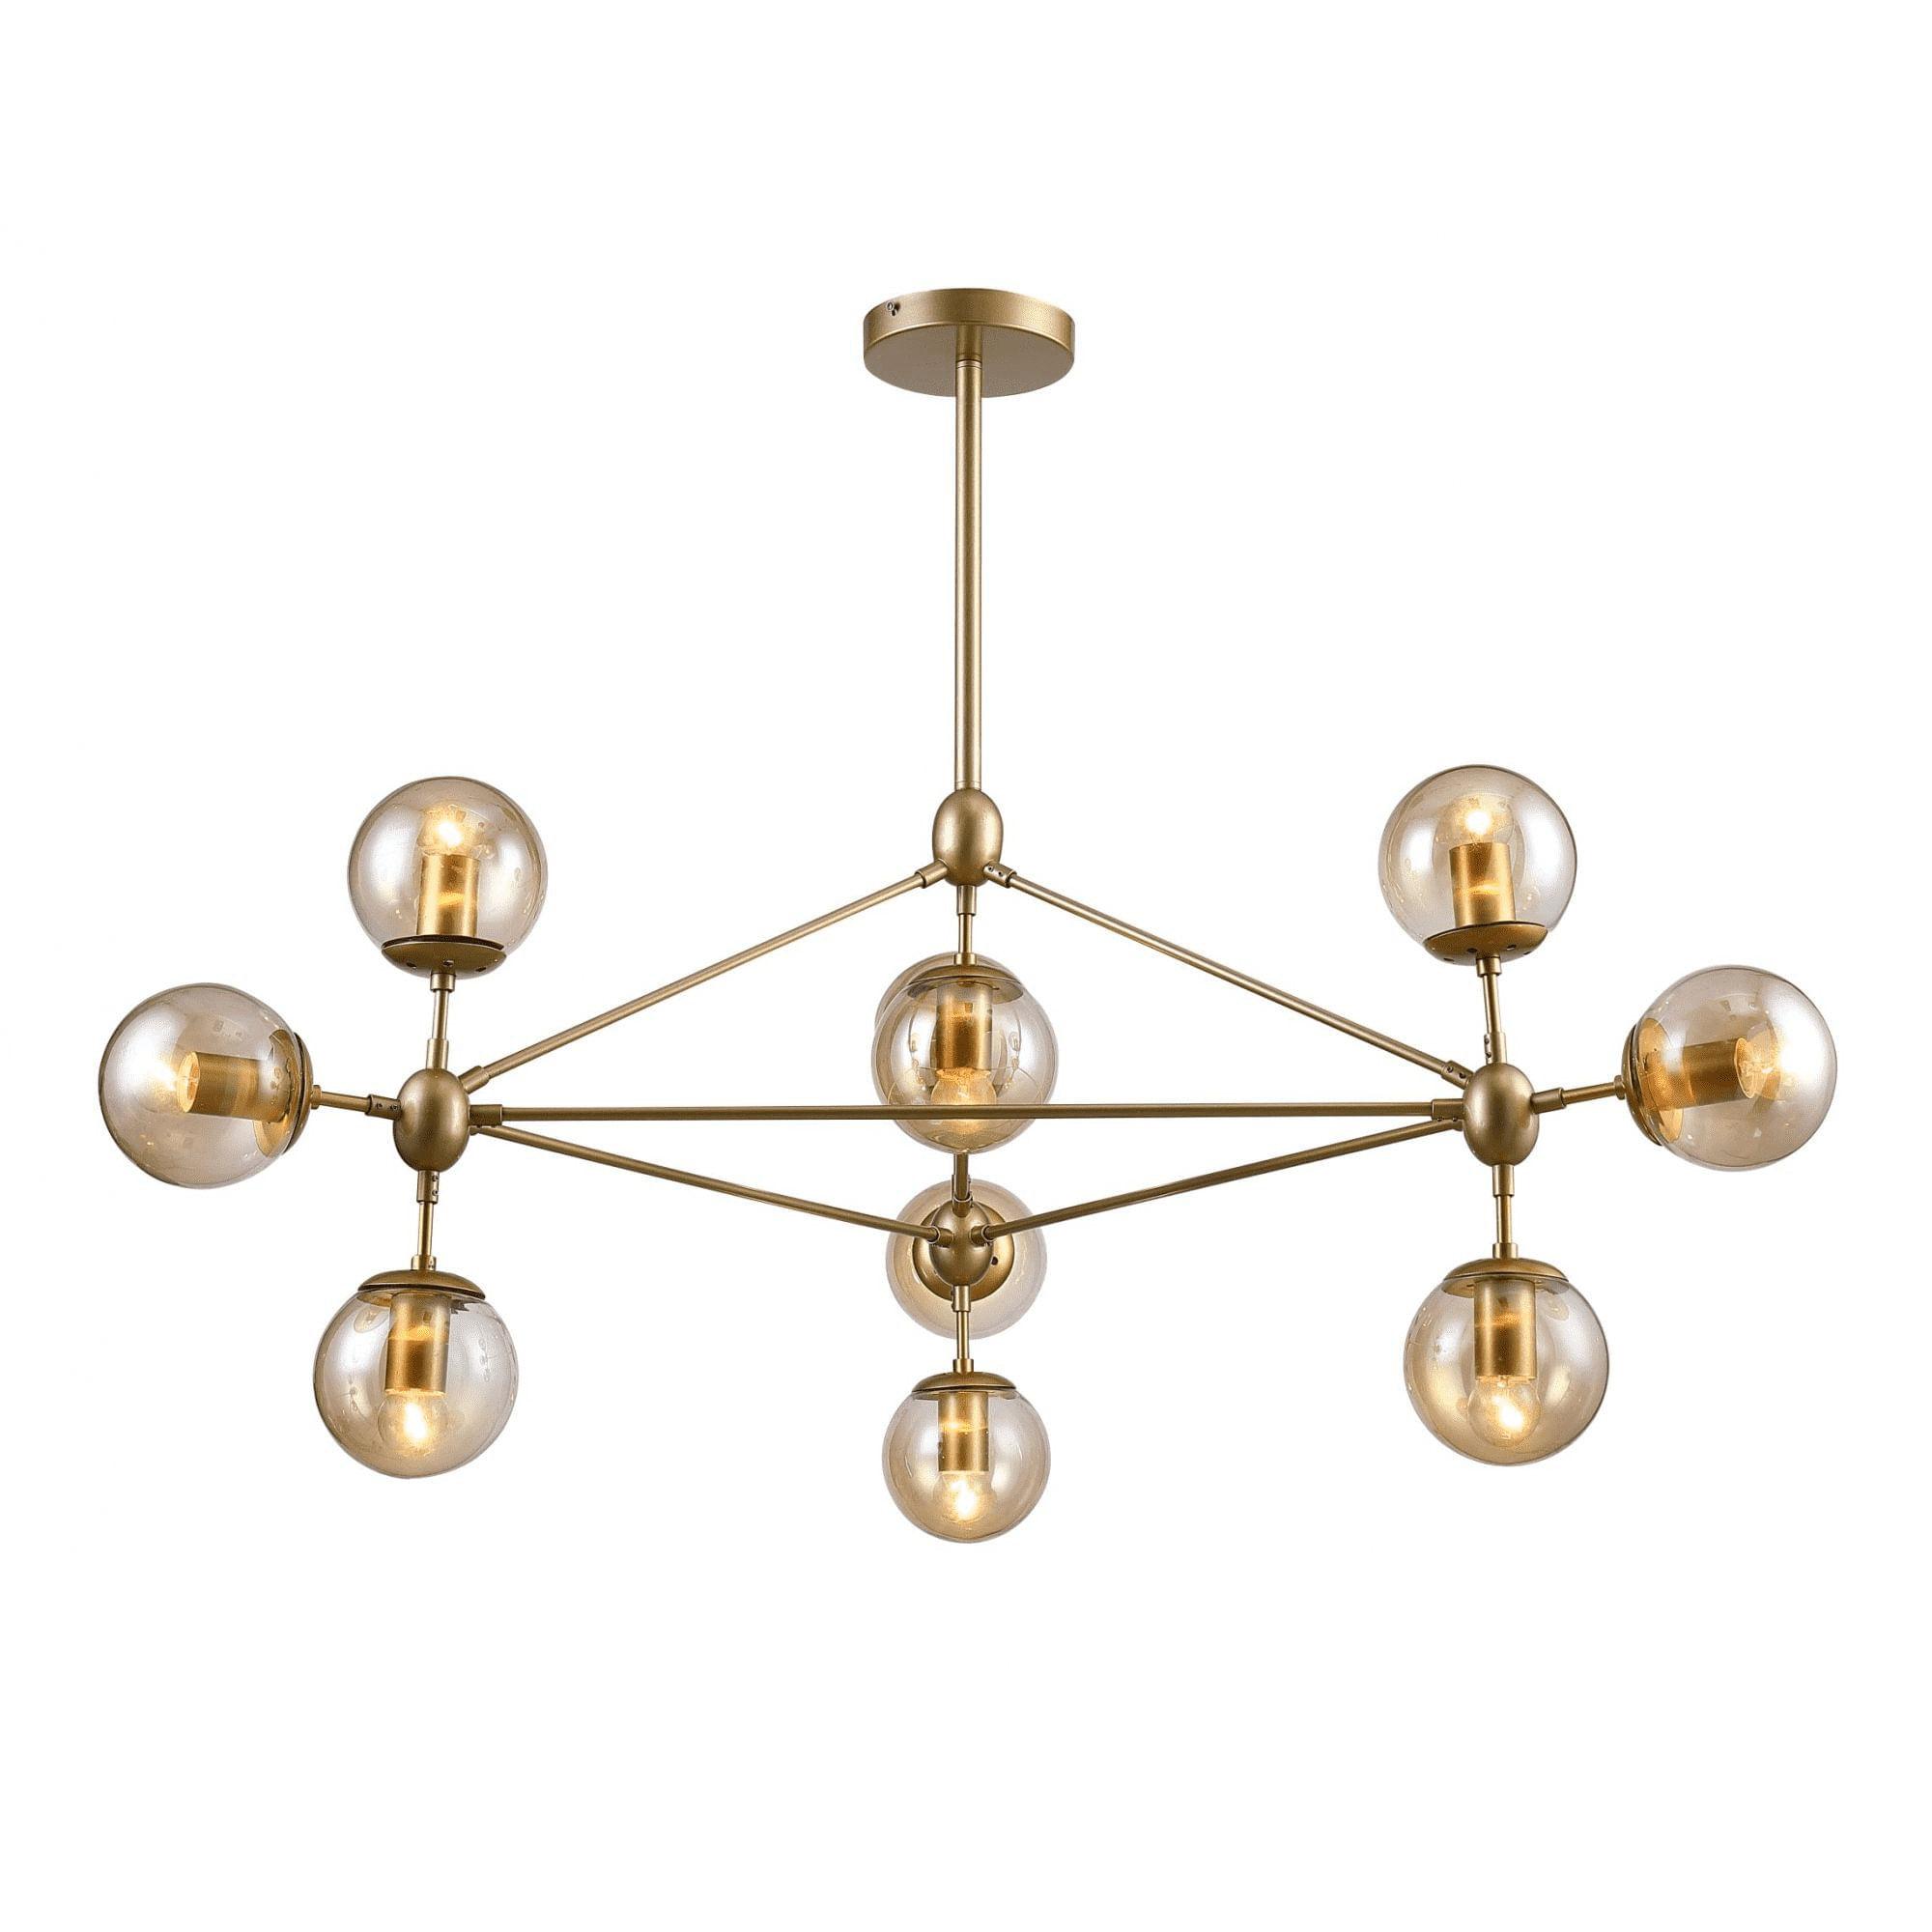 Pendente Moderno de Vidro e Metal - Bella Orbe Dourado 10 Lâmpadas